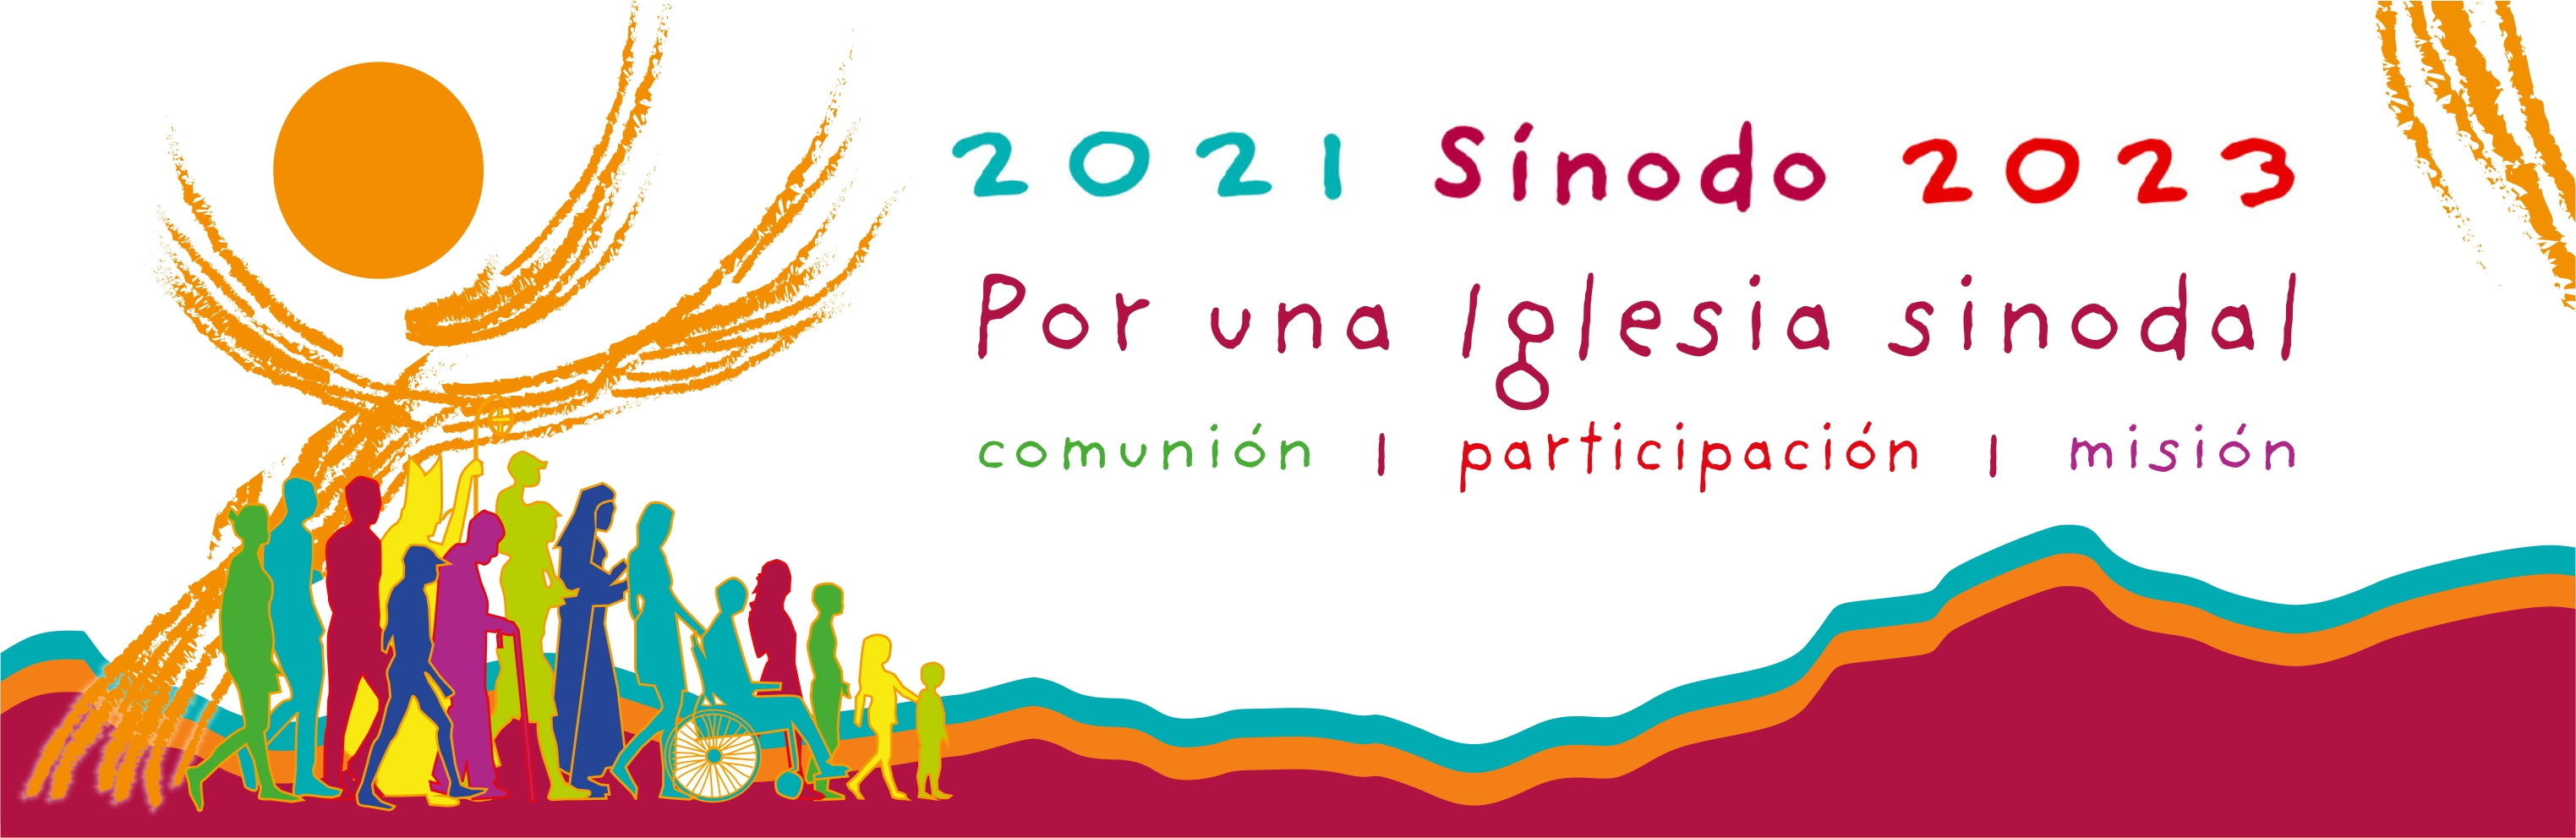 banner_sinodo21-23